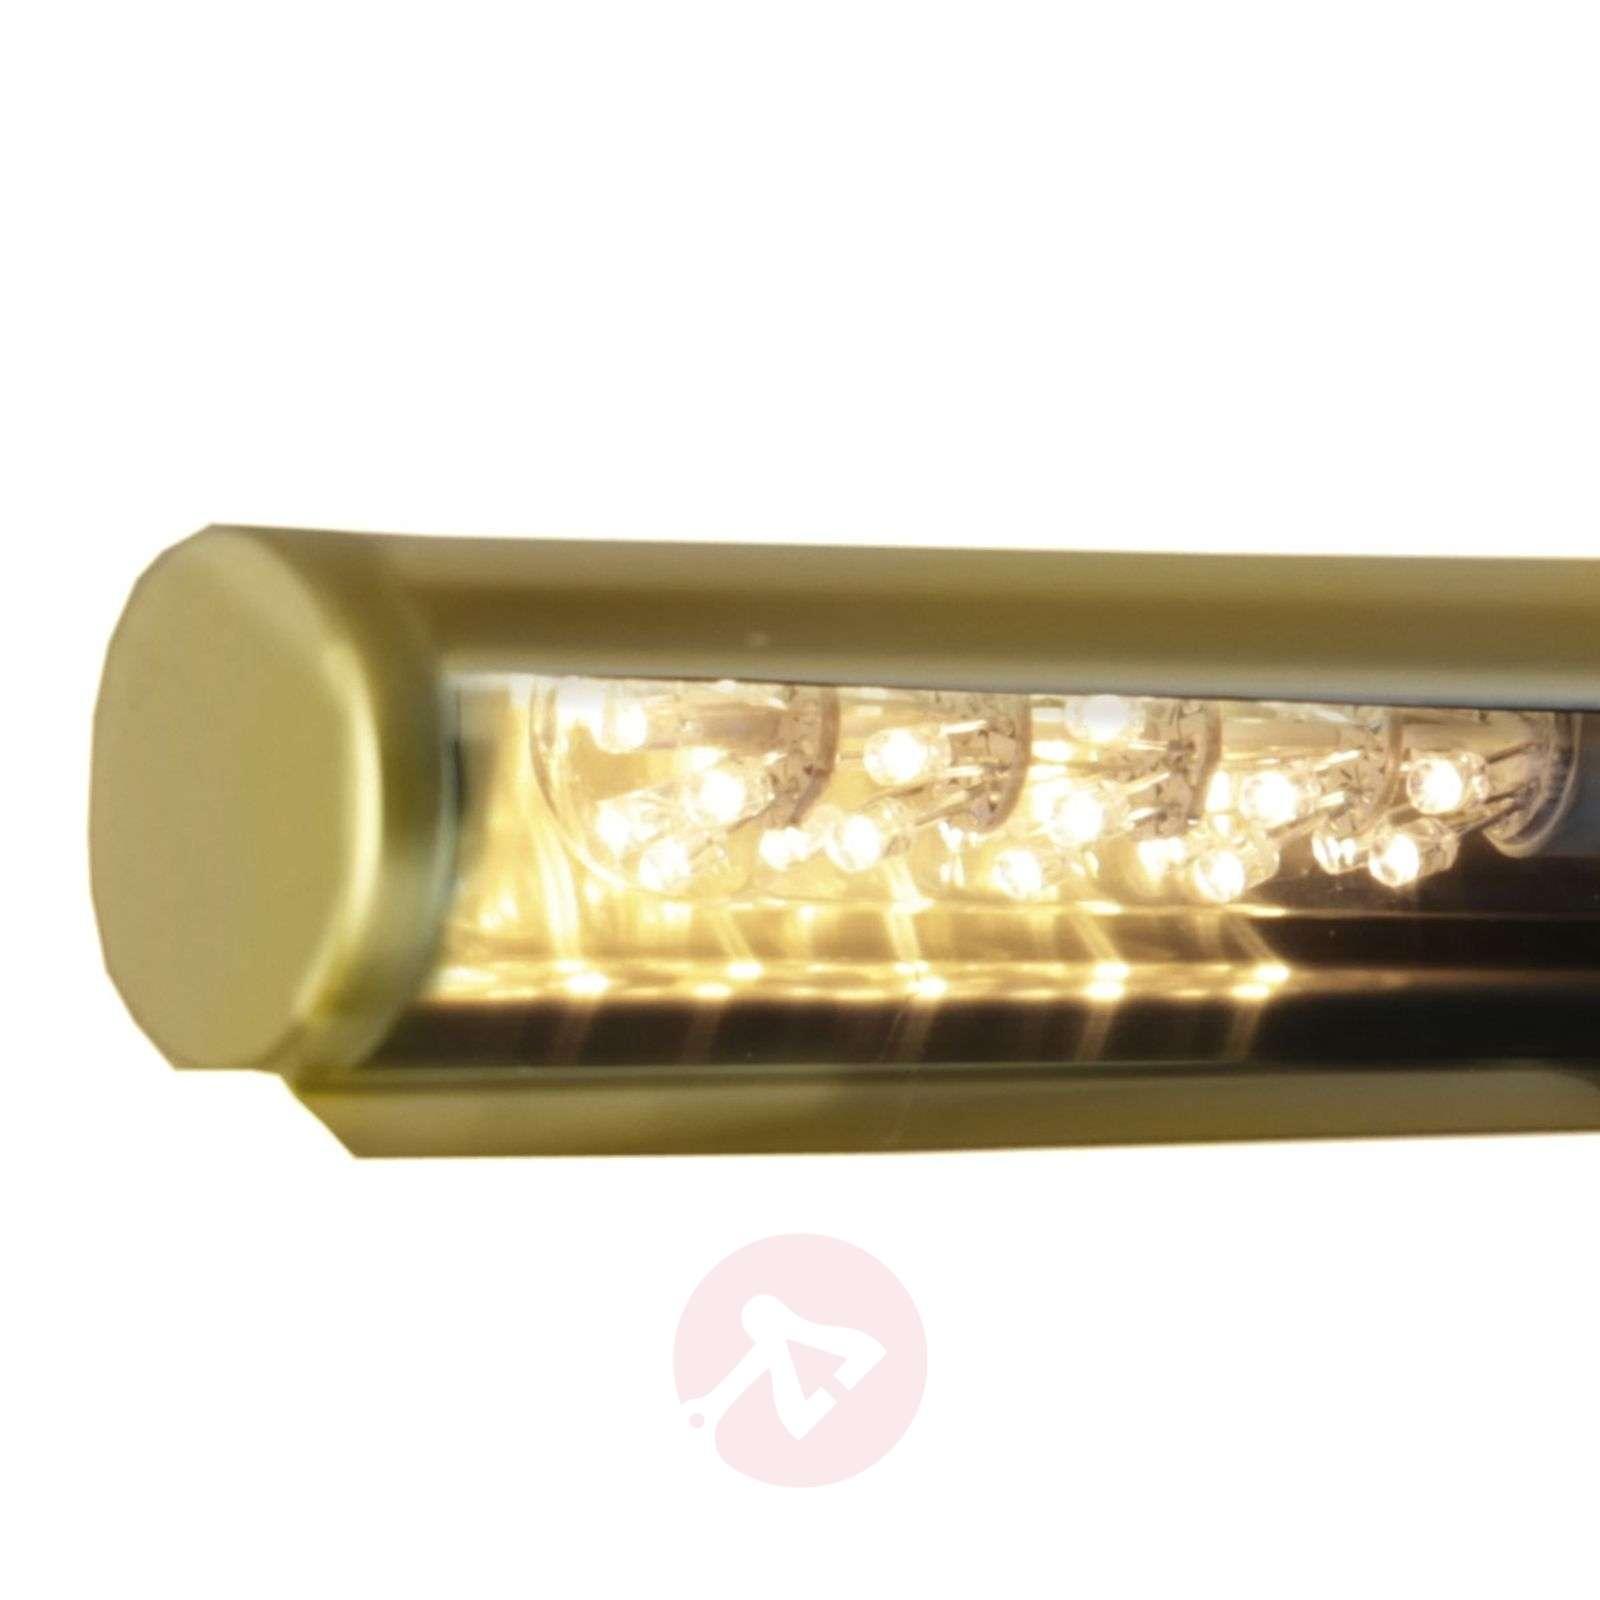 E14 1,5W LED-putkilamppu kirkas, lämmin valkoinen-1522282-01